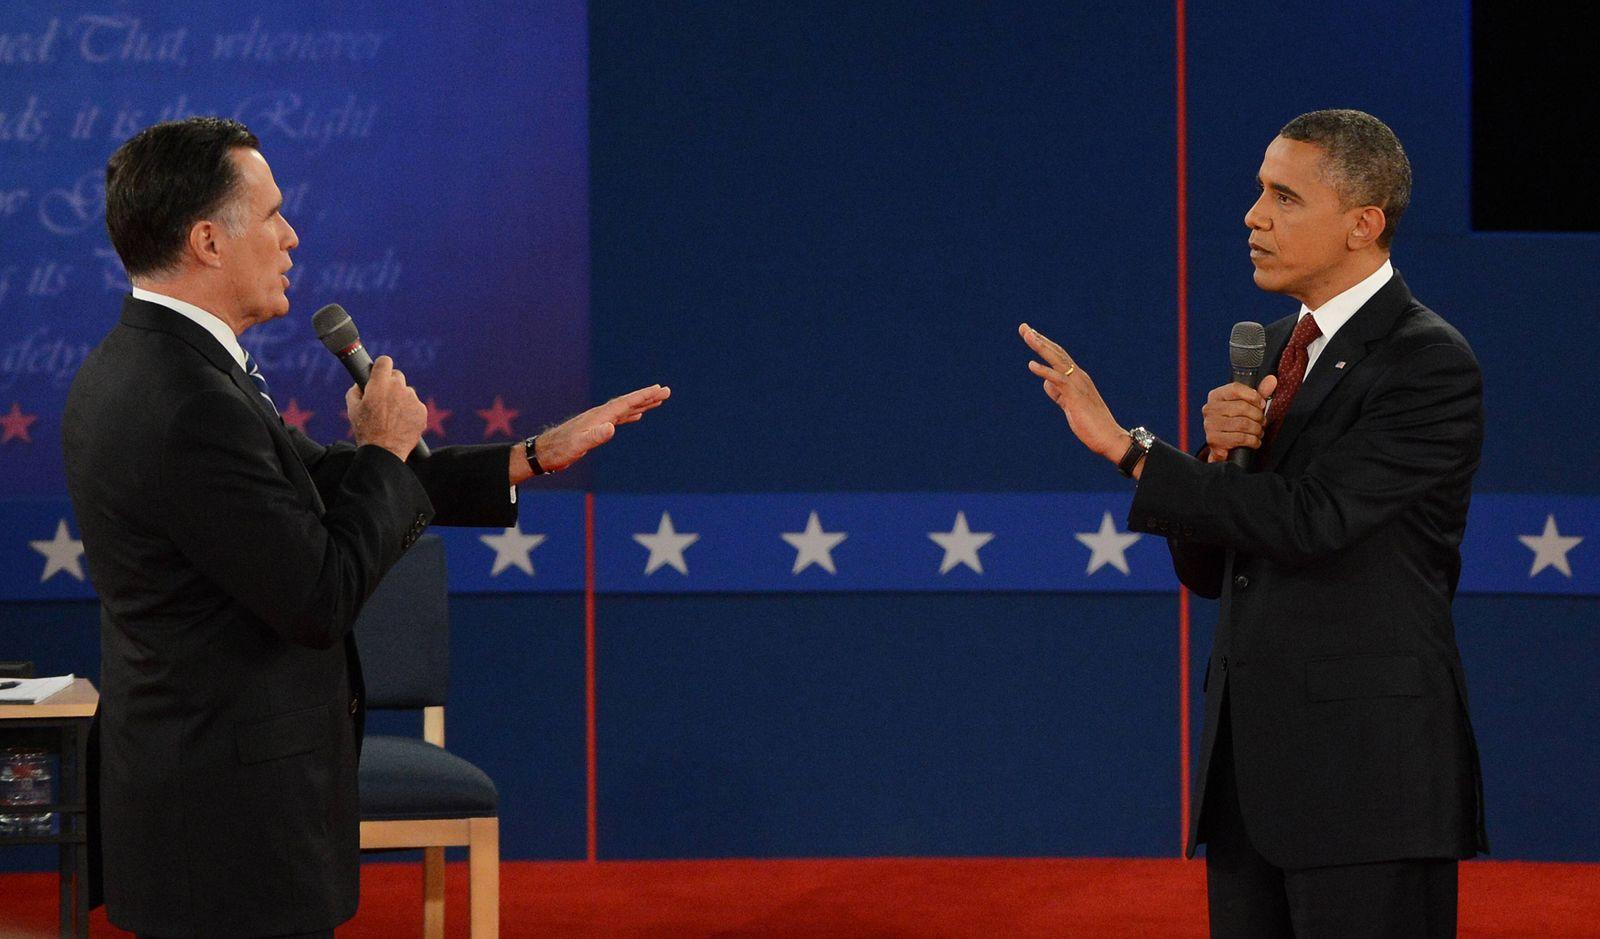 2012 Obama vs romney